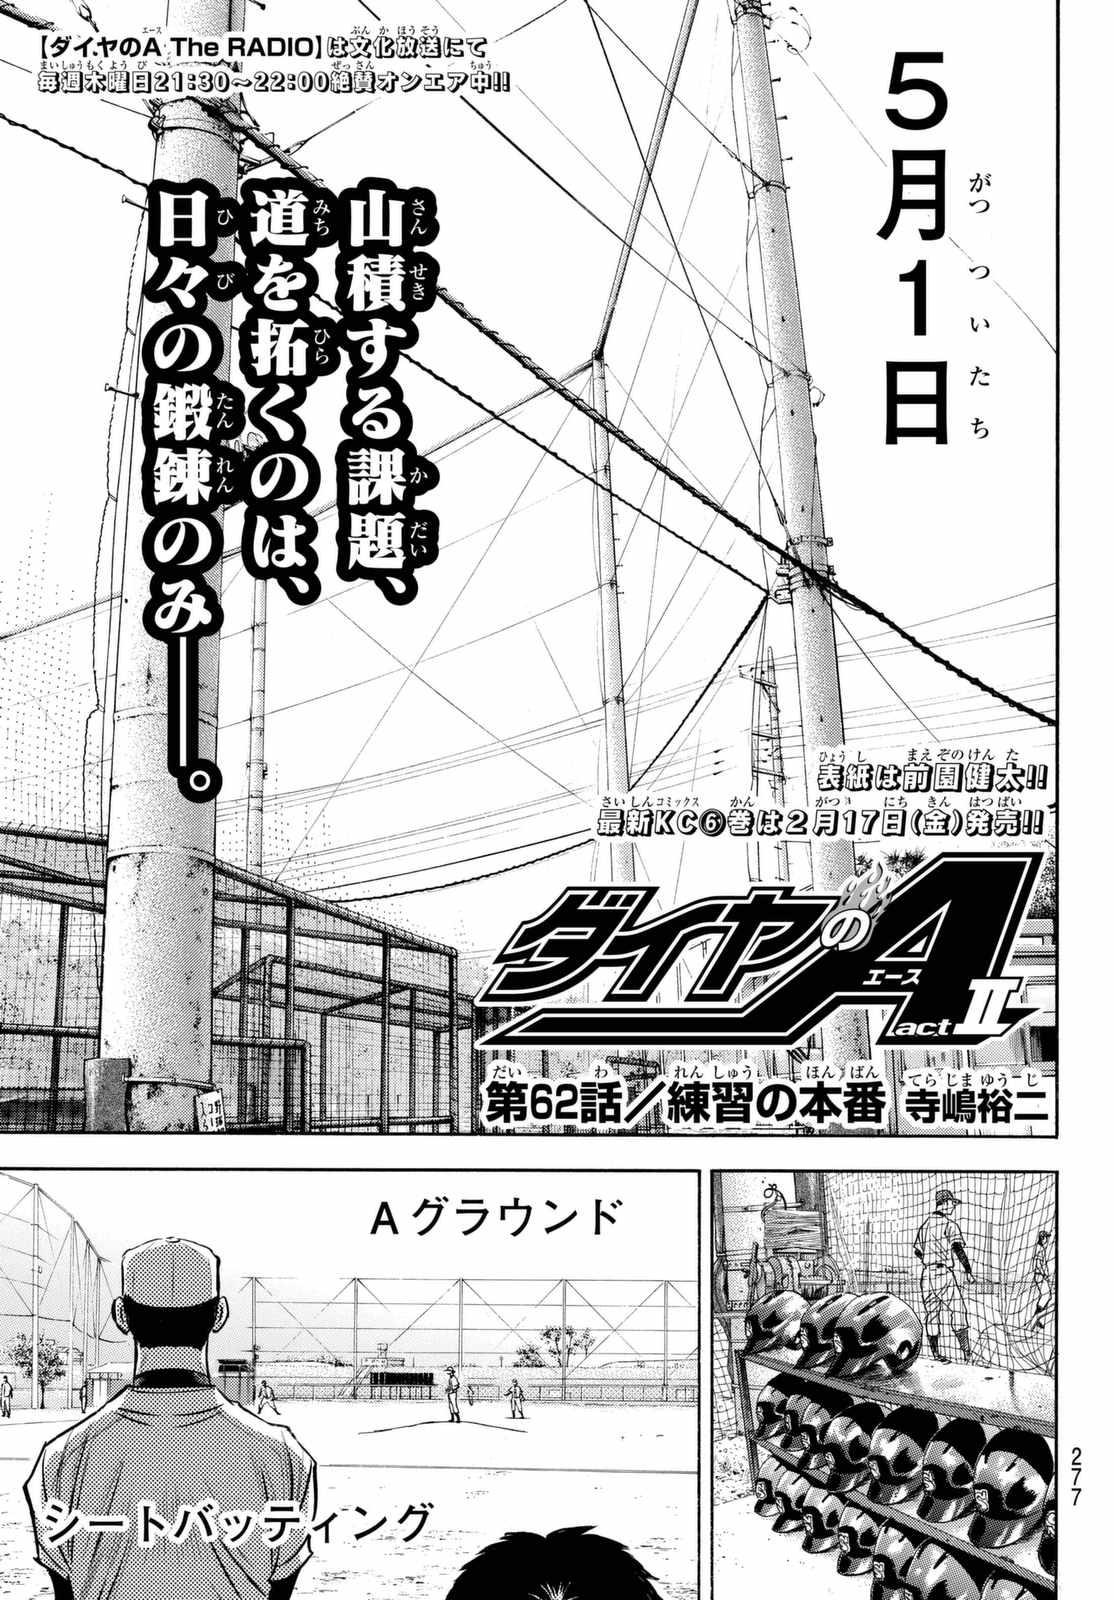 Daiya no A Act II - Chapter 062 - Page 1